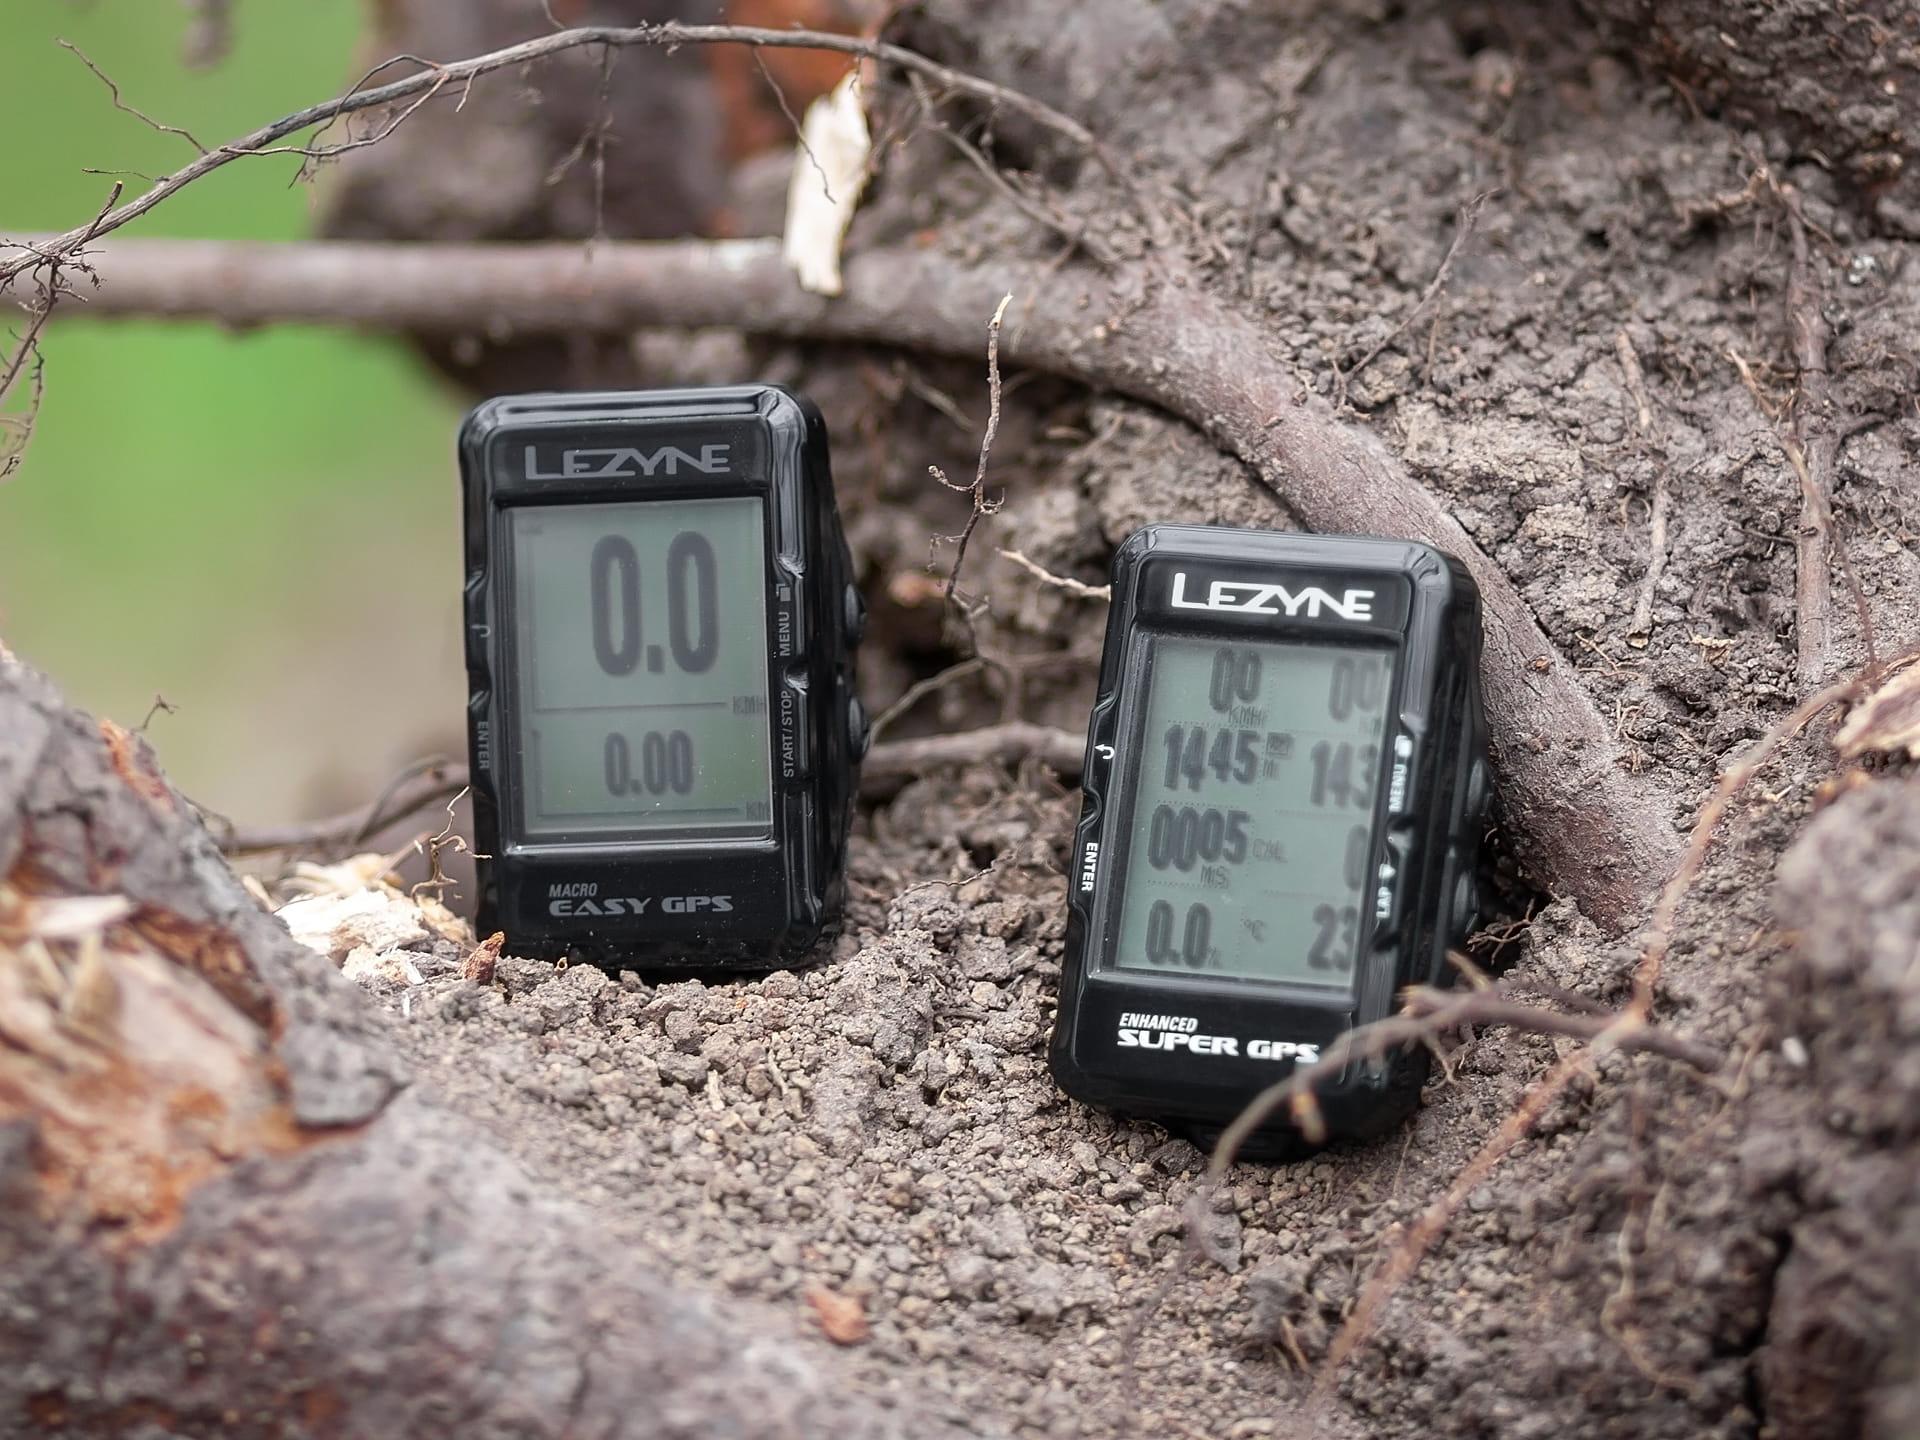 Licznik Lezyne Easy GPS vs Macro Super GPS